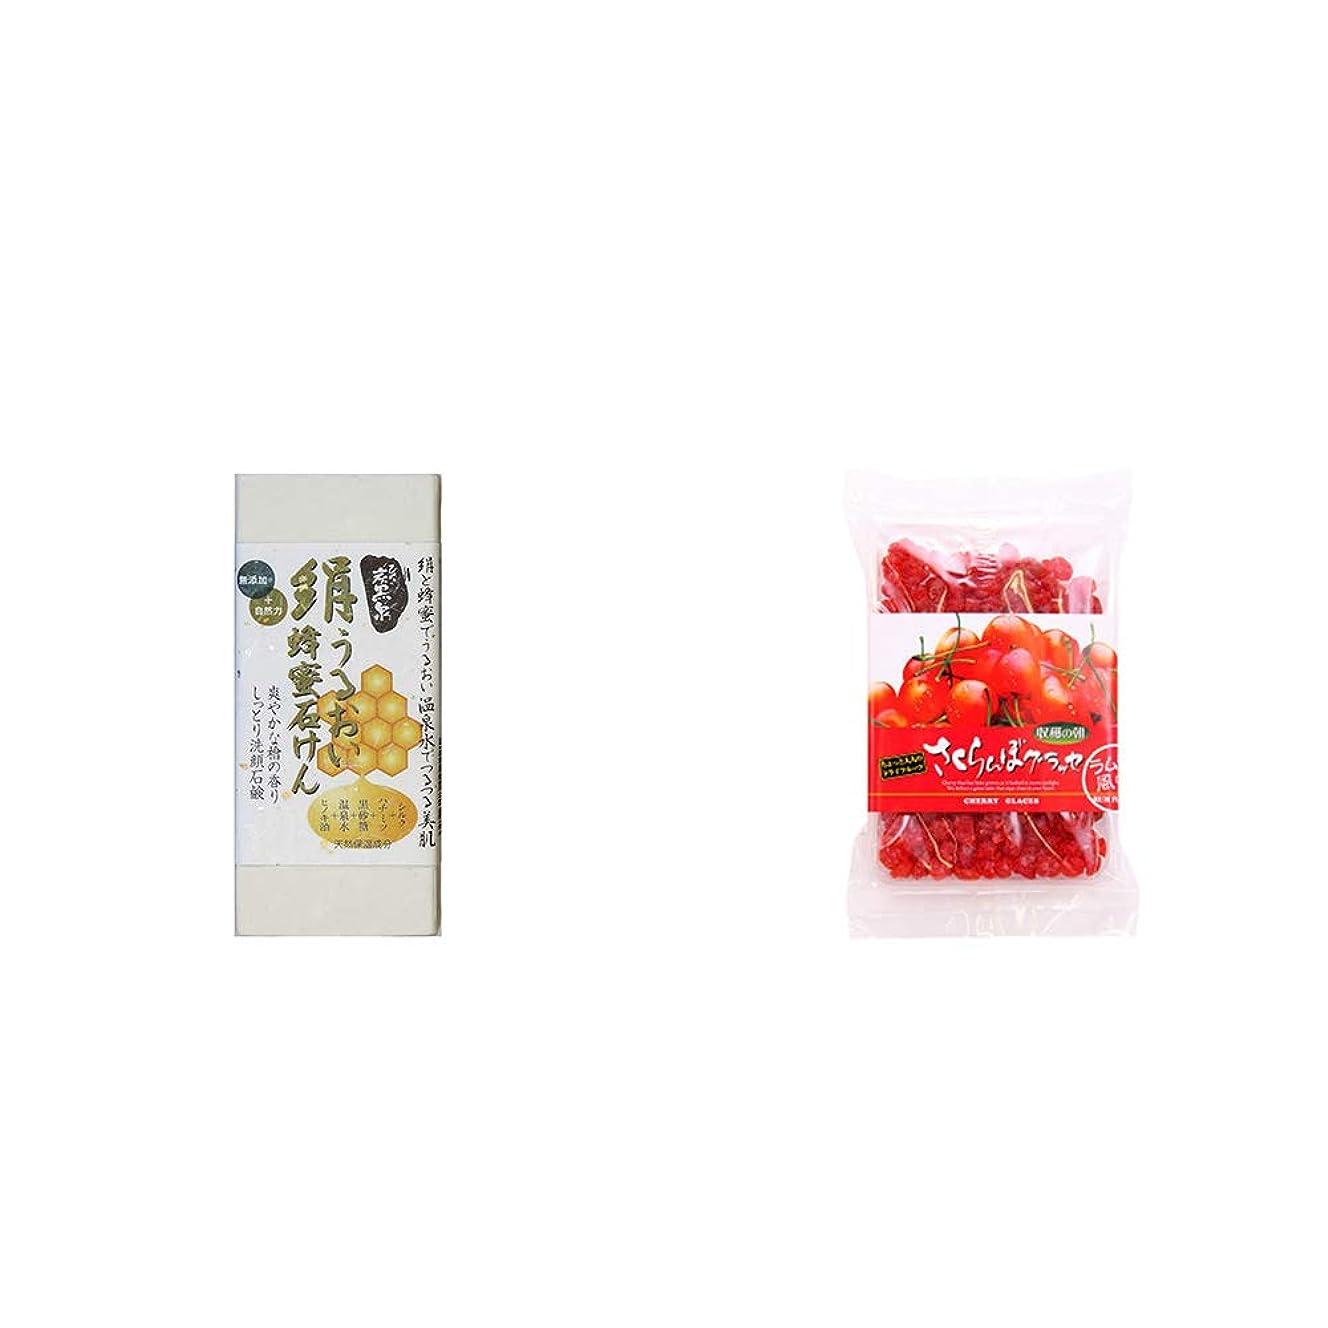 お茶ブレンド仮定[2点セット] ひのき炭黒泉 絹うるおい蜂蜜石けん(75g×2)?収穫の朝 さくらんぼグラッセ ラム酒風味(180g)